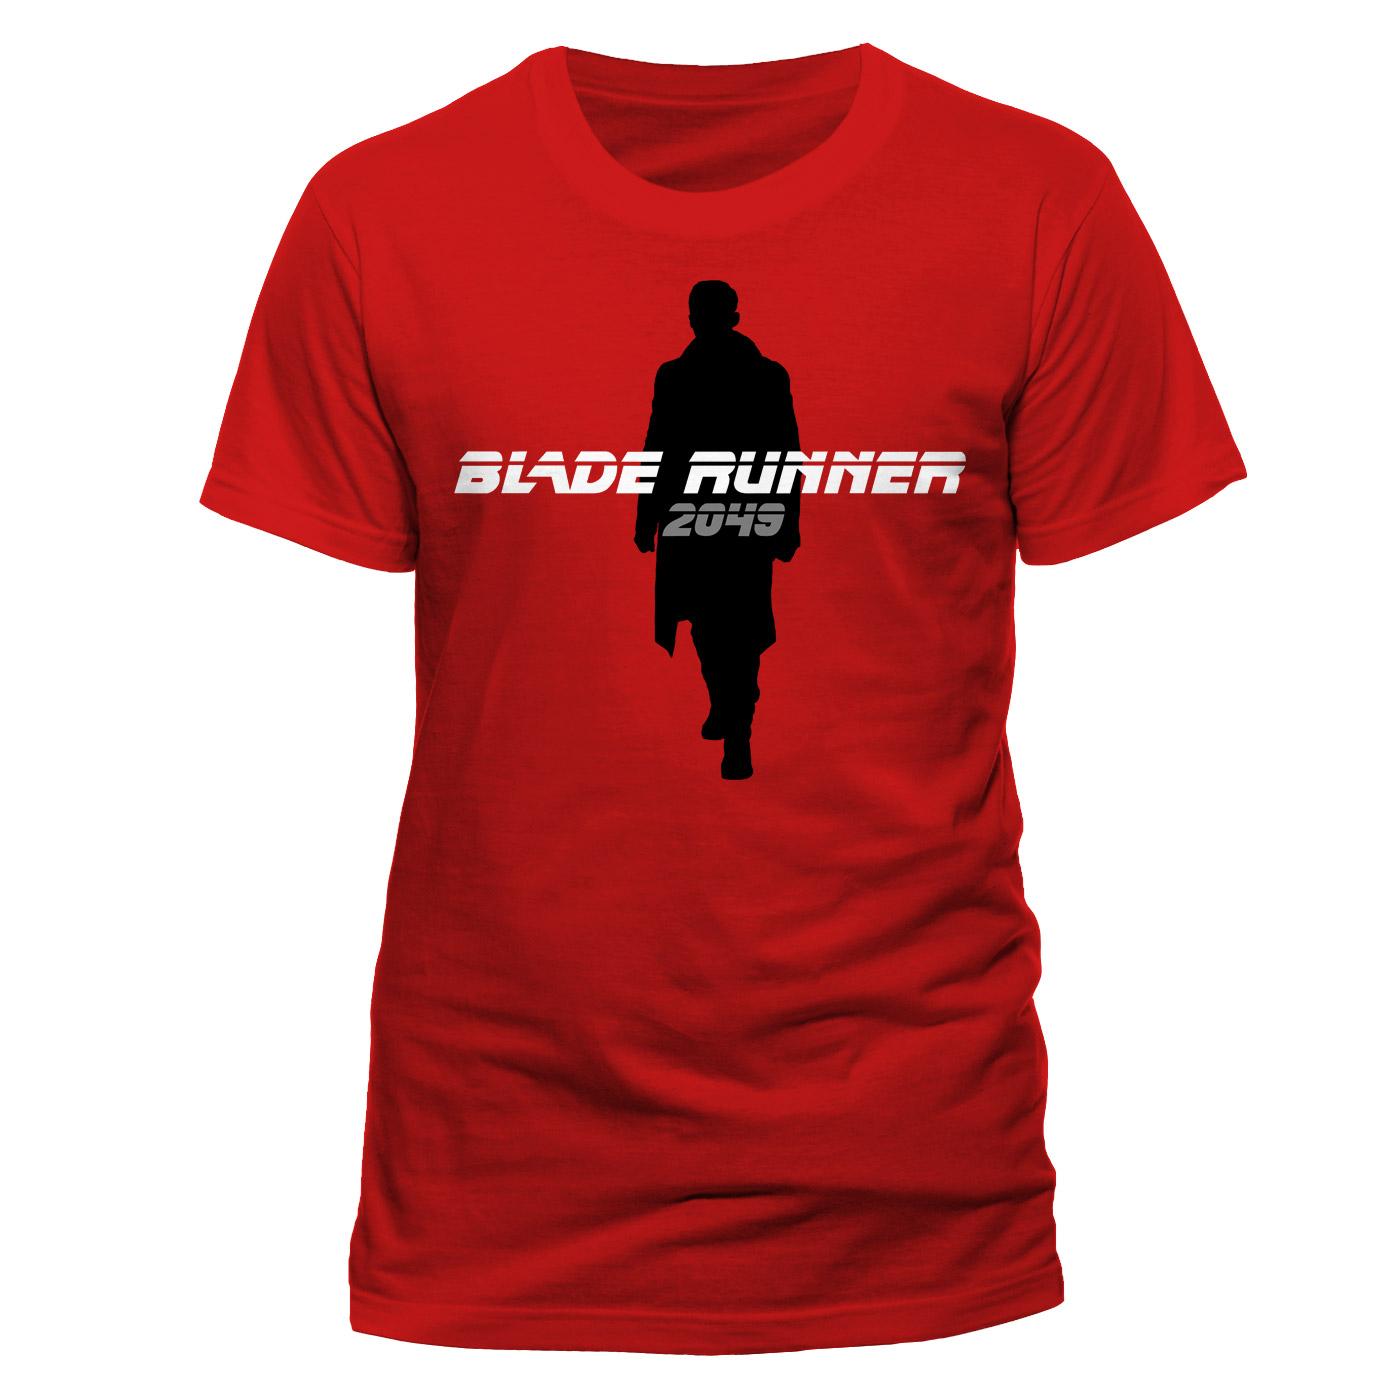 BLADE RUNNER 2049 - SILHOUETTE (T-SHIRT UNISEX TG. M)